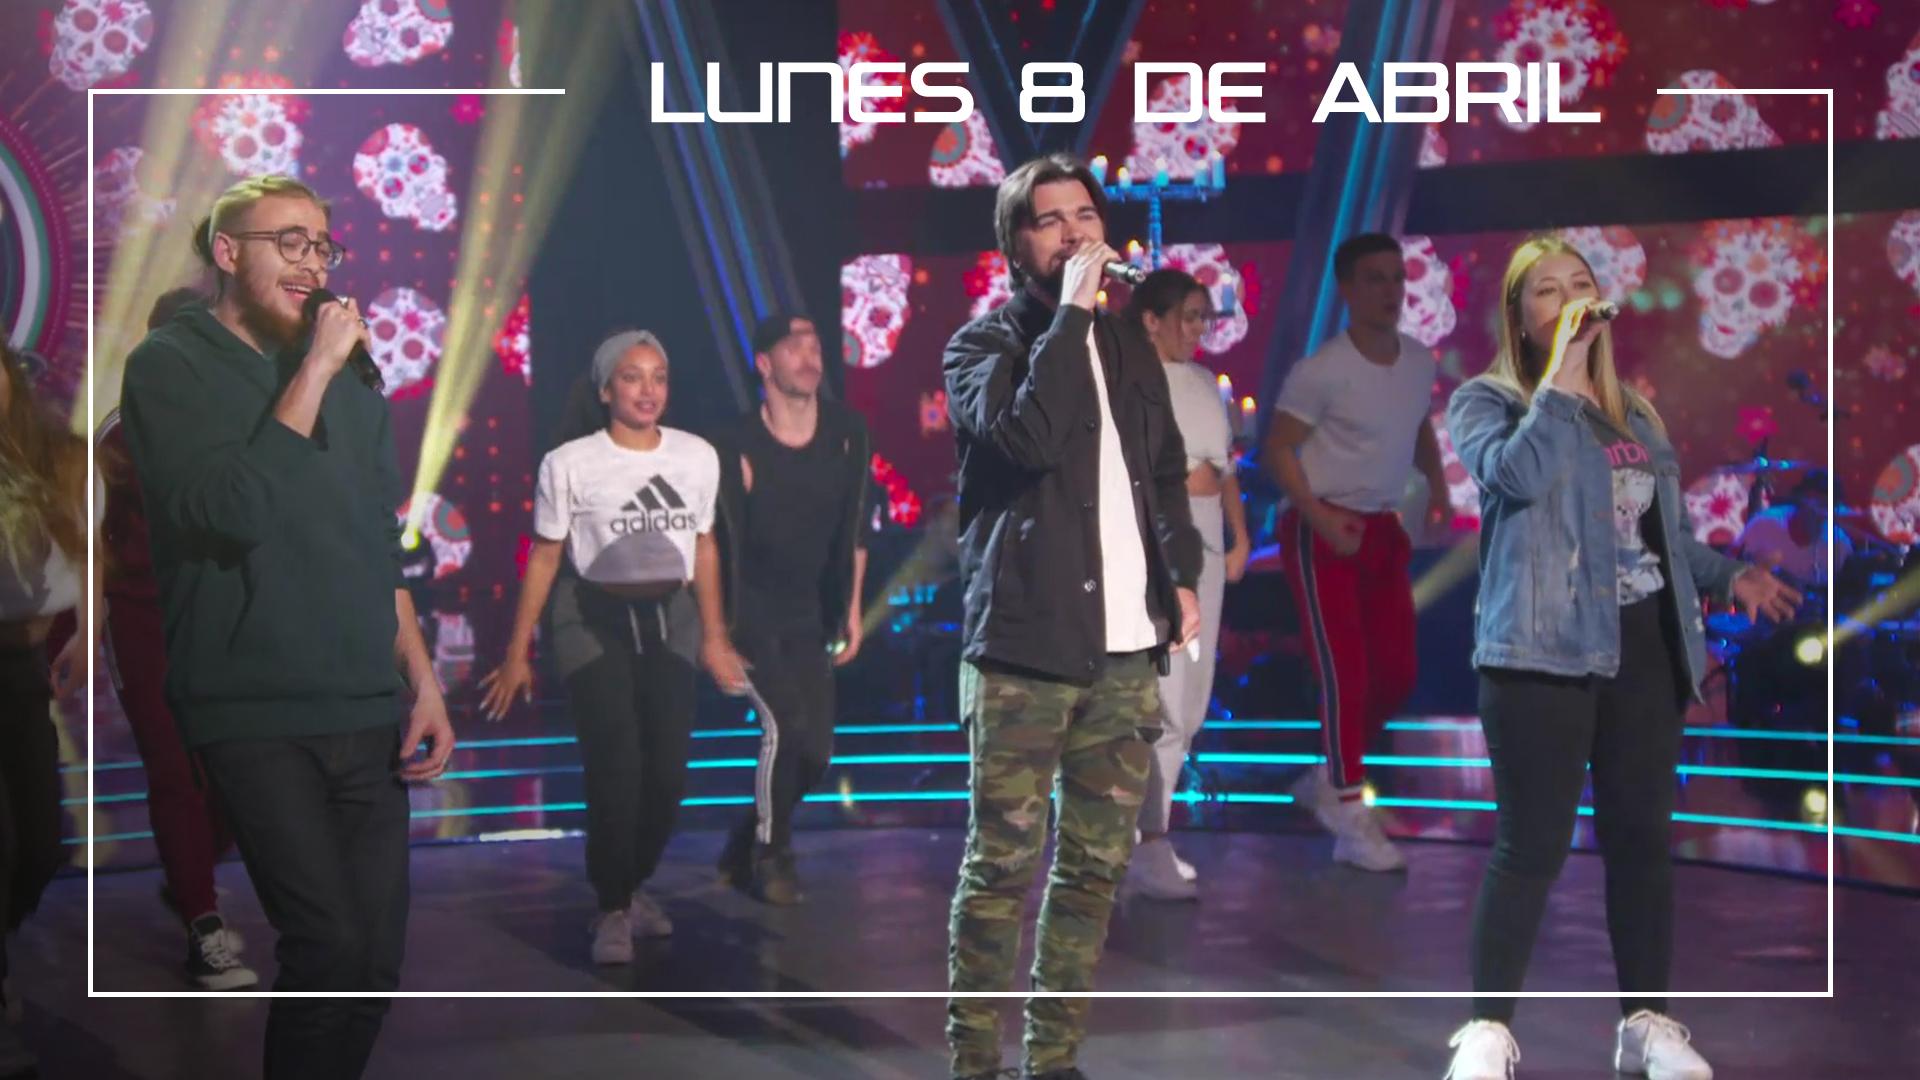 Lunes 8 de abril Juanes, Andrés Martín y María Espinosa ensayan en plató 'La Plata'